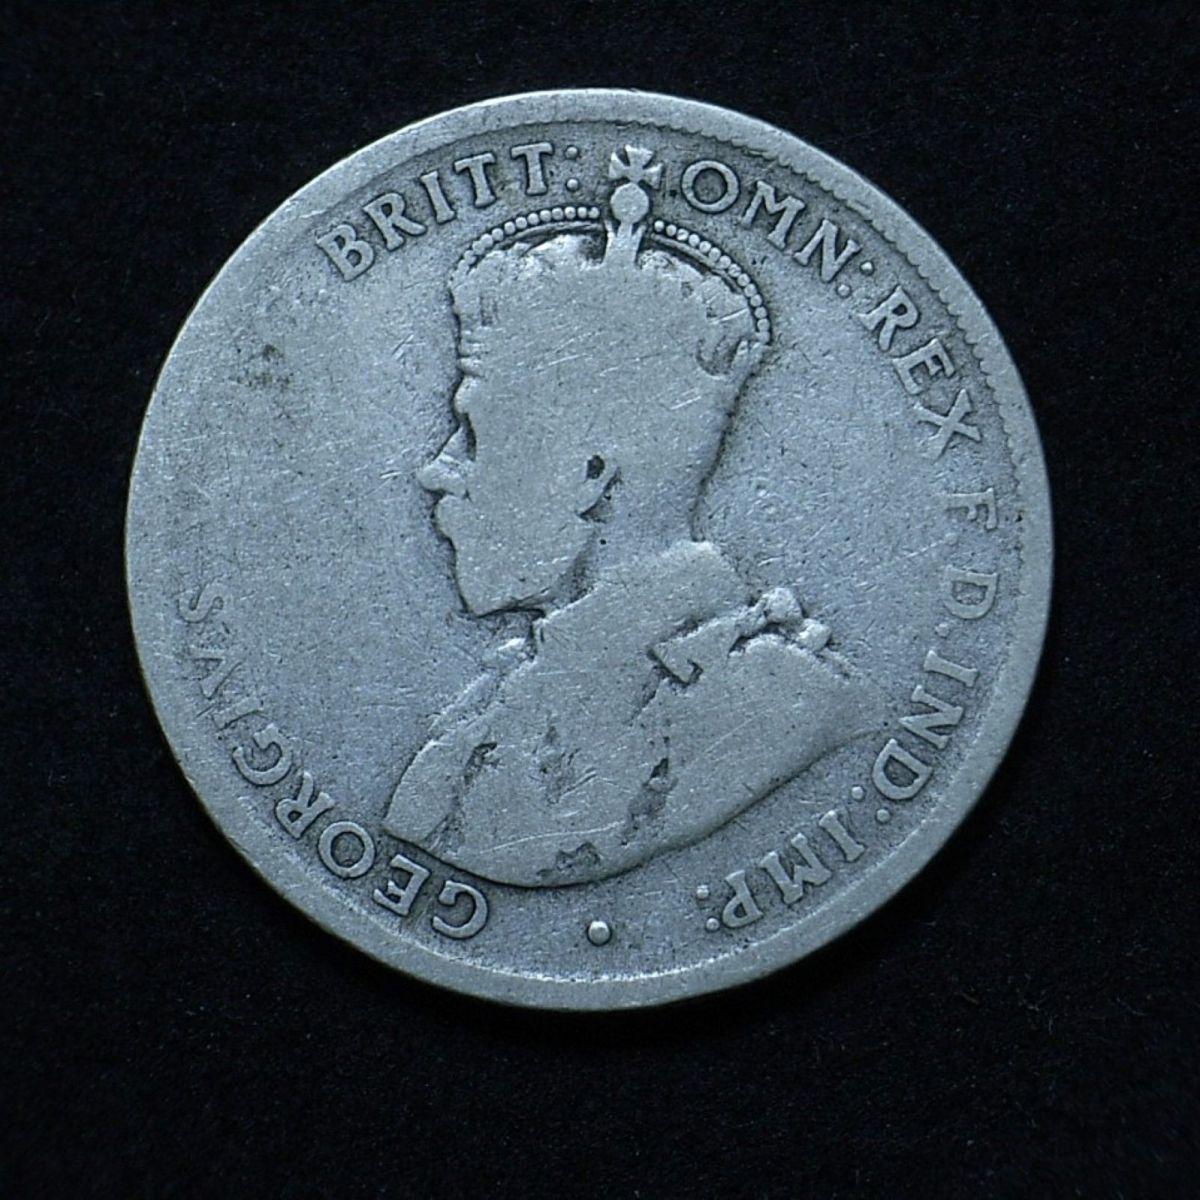 Close up of Aussie 1915 florin obverse, very worn